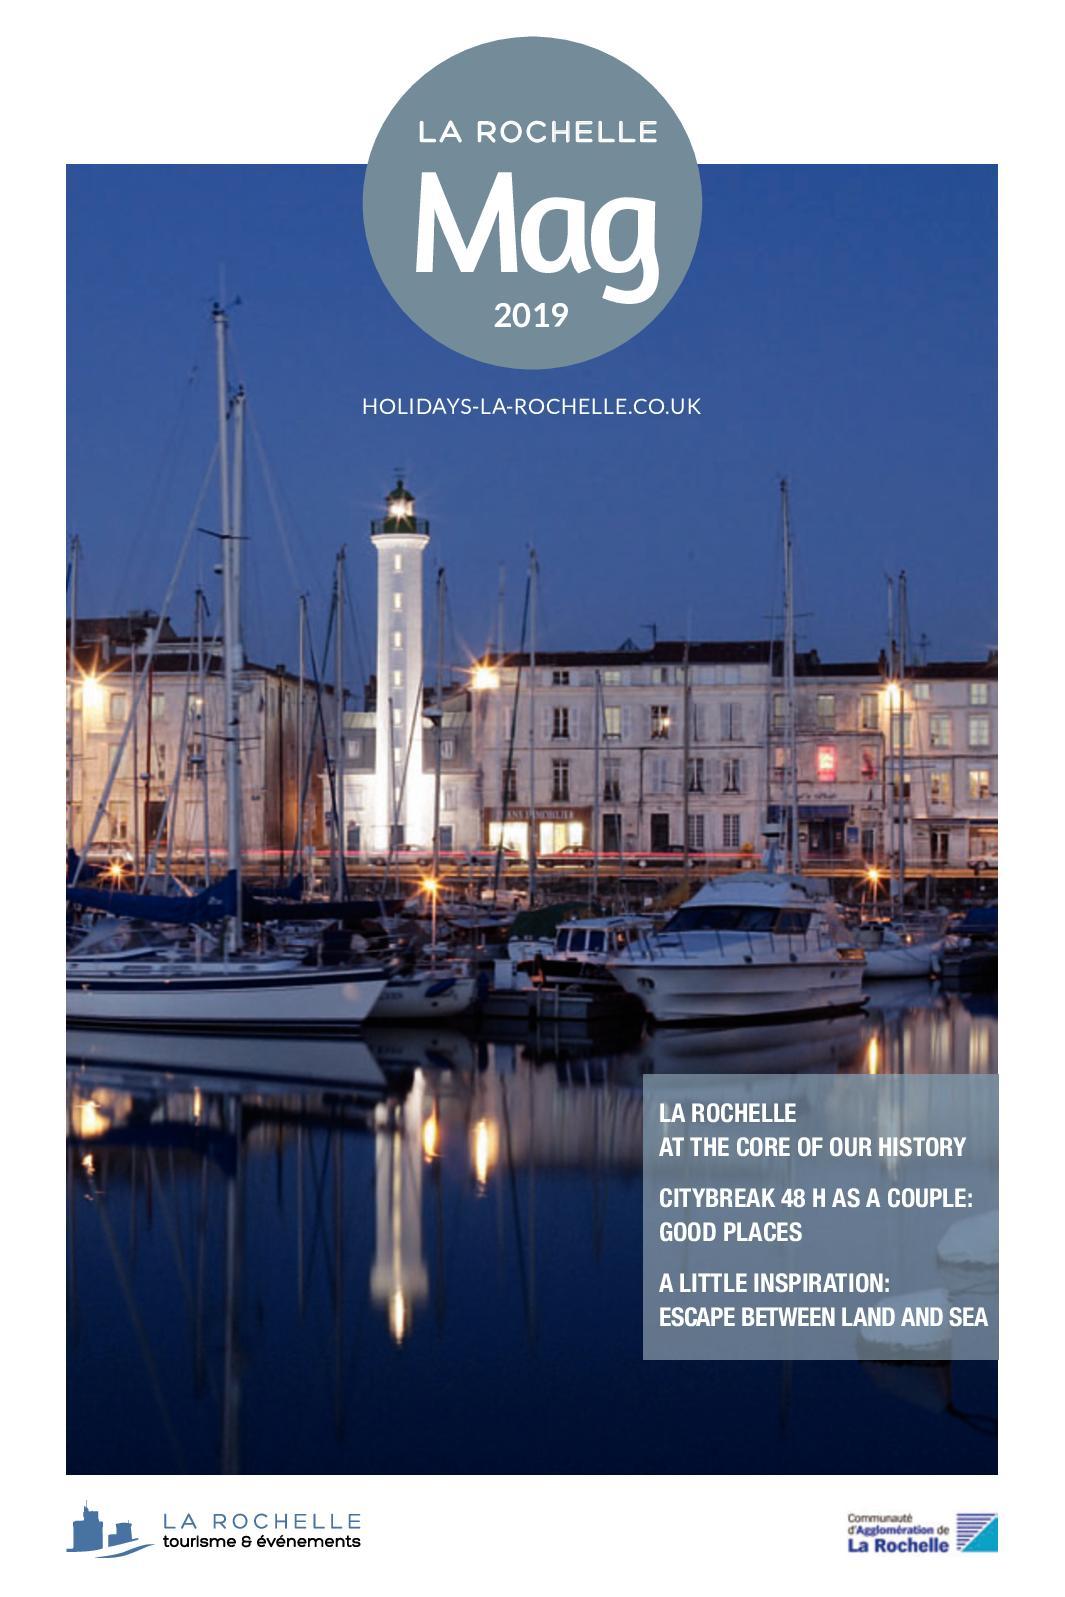 Table De Jardin Ronde 8 Personnes Nouveau Calaméo La Rochelle City Guide 2019 Of 37 Luxe Table De Jardin Ronde 8 Personnes